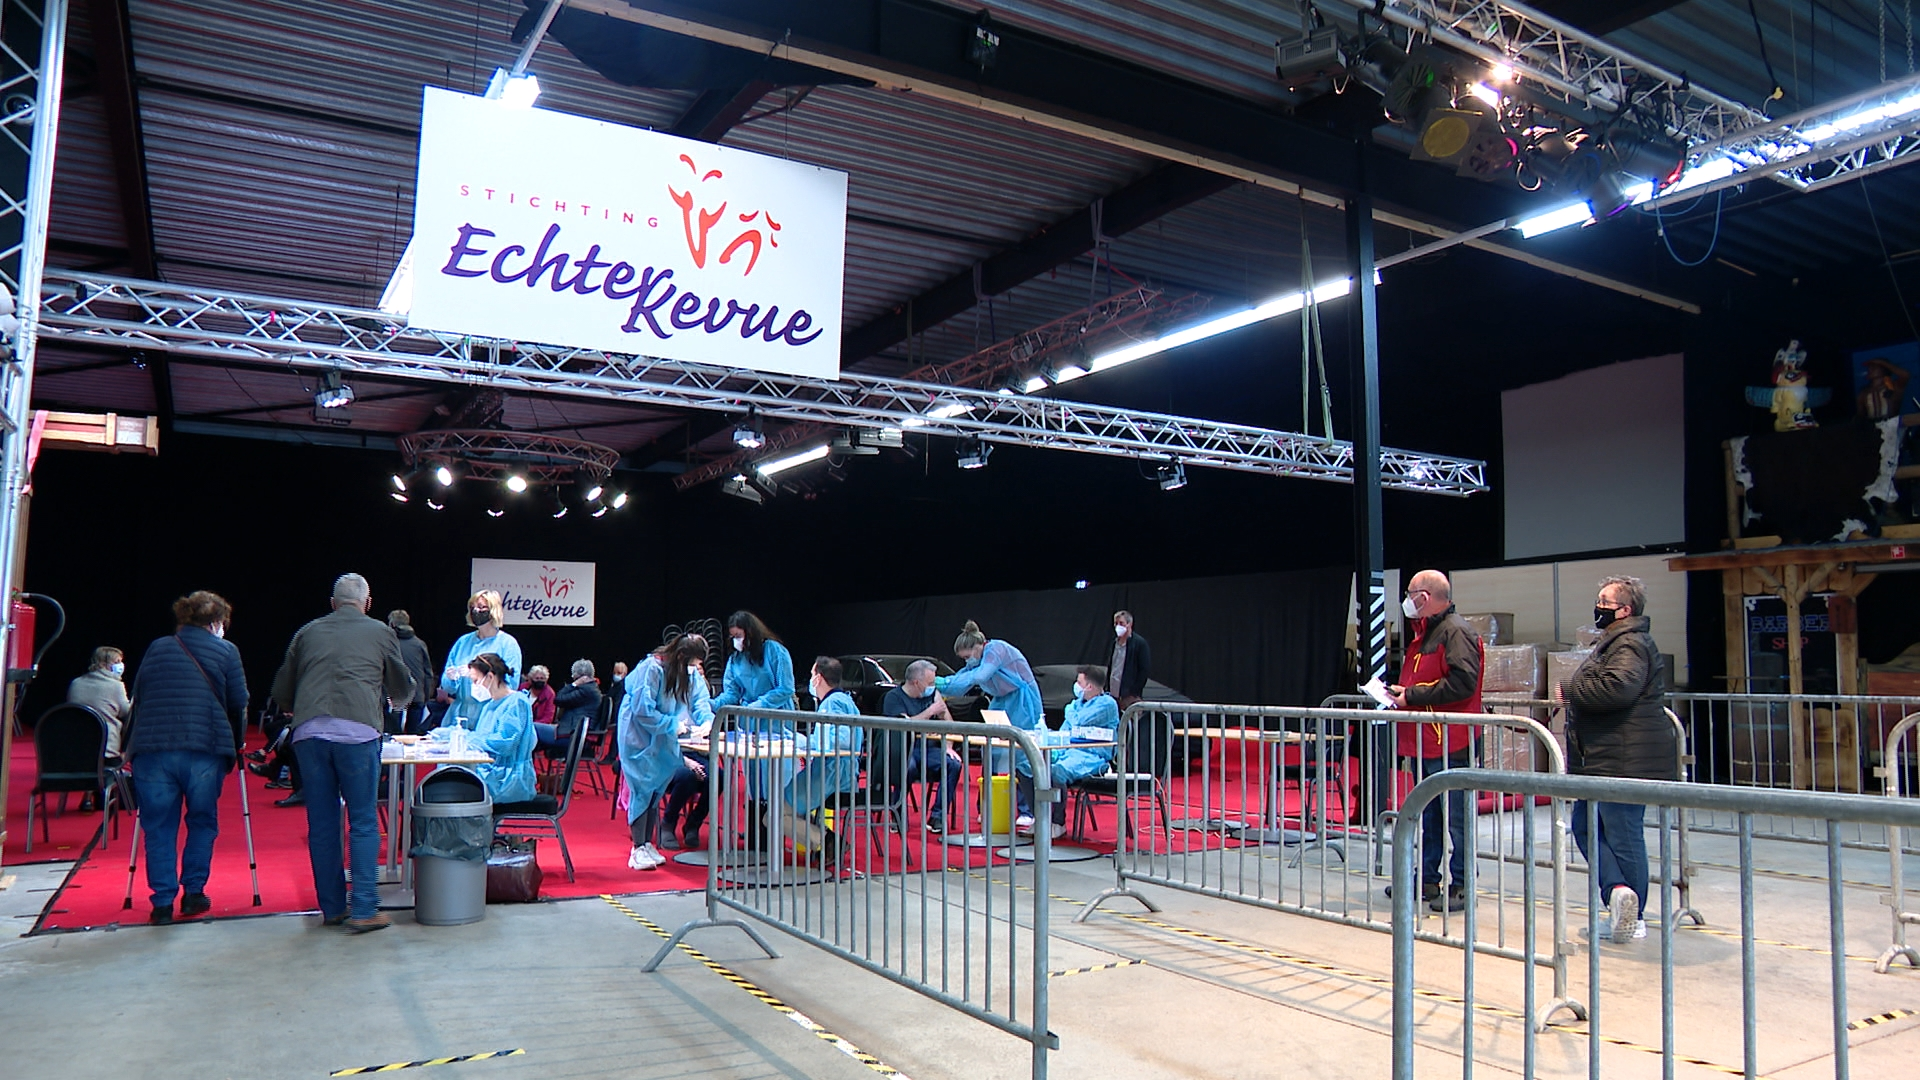 Priklocatie EuroDetach theater van de Echter Revue weer ontmanteld